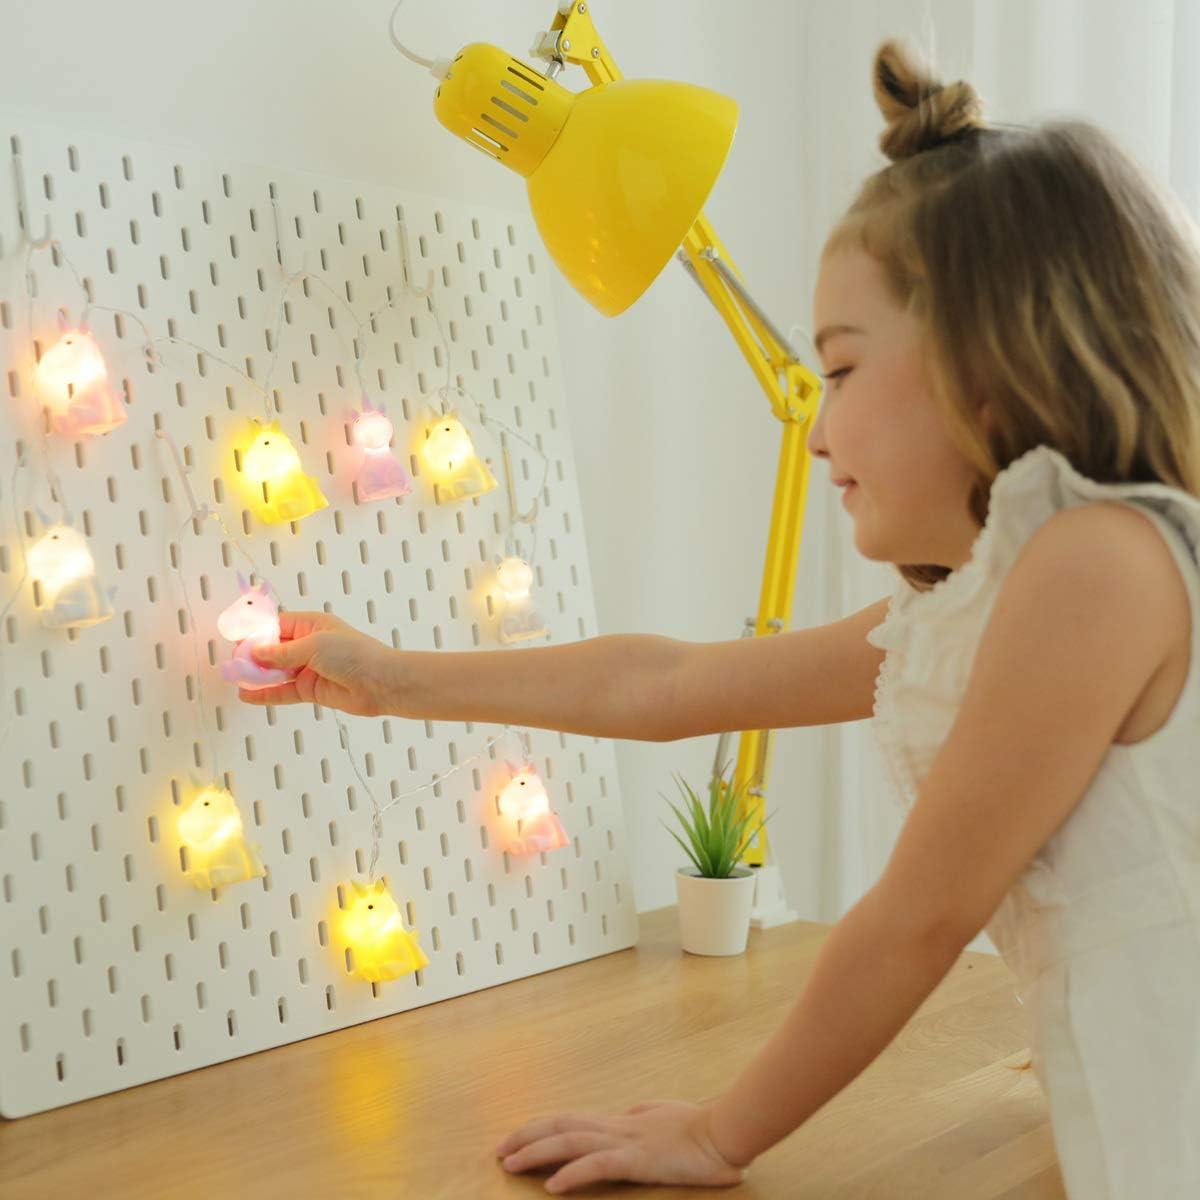 S/ü/ße Nachtlicht Minilichterkette f/ür Kinder mit warmwei/ßem Licht Lichter Kette Navaris LED Lichterkette Alpaka Design 2m L/änge Creme